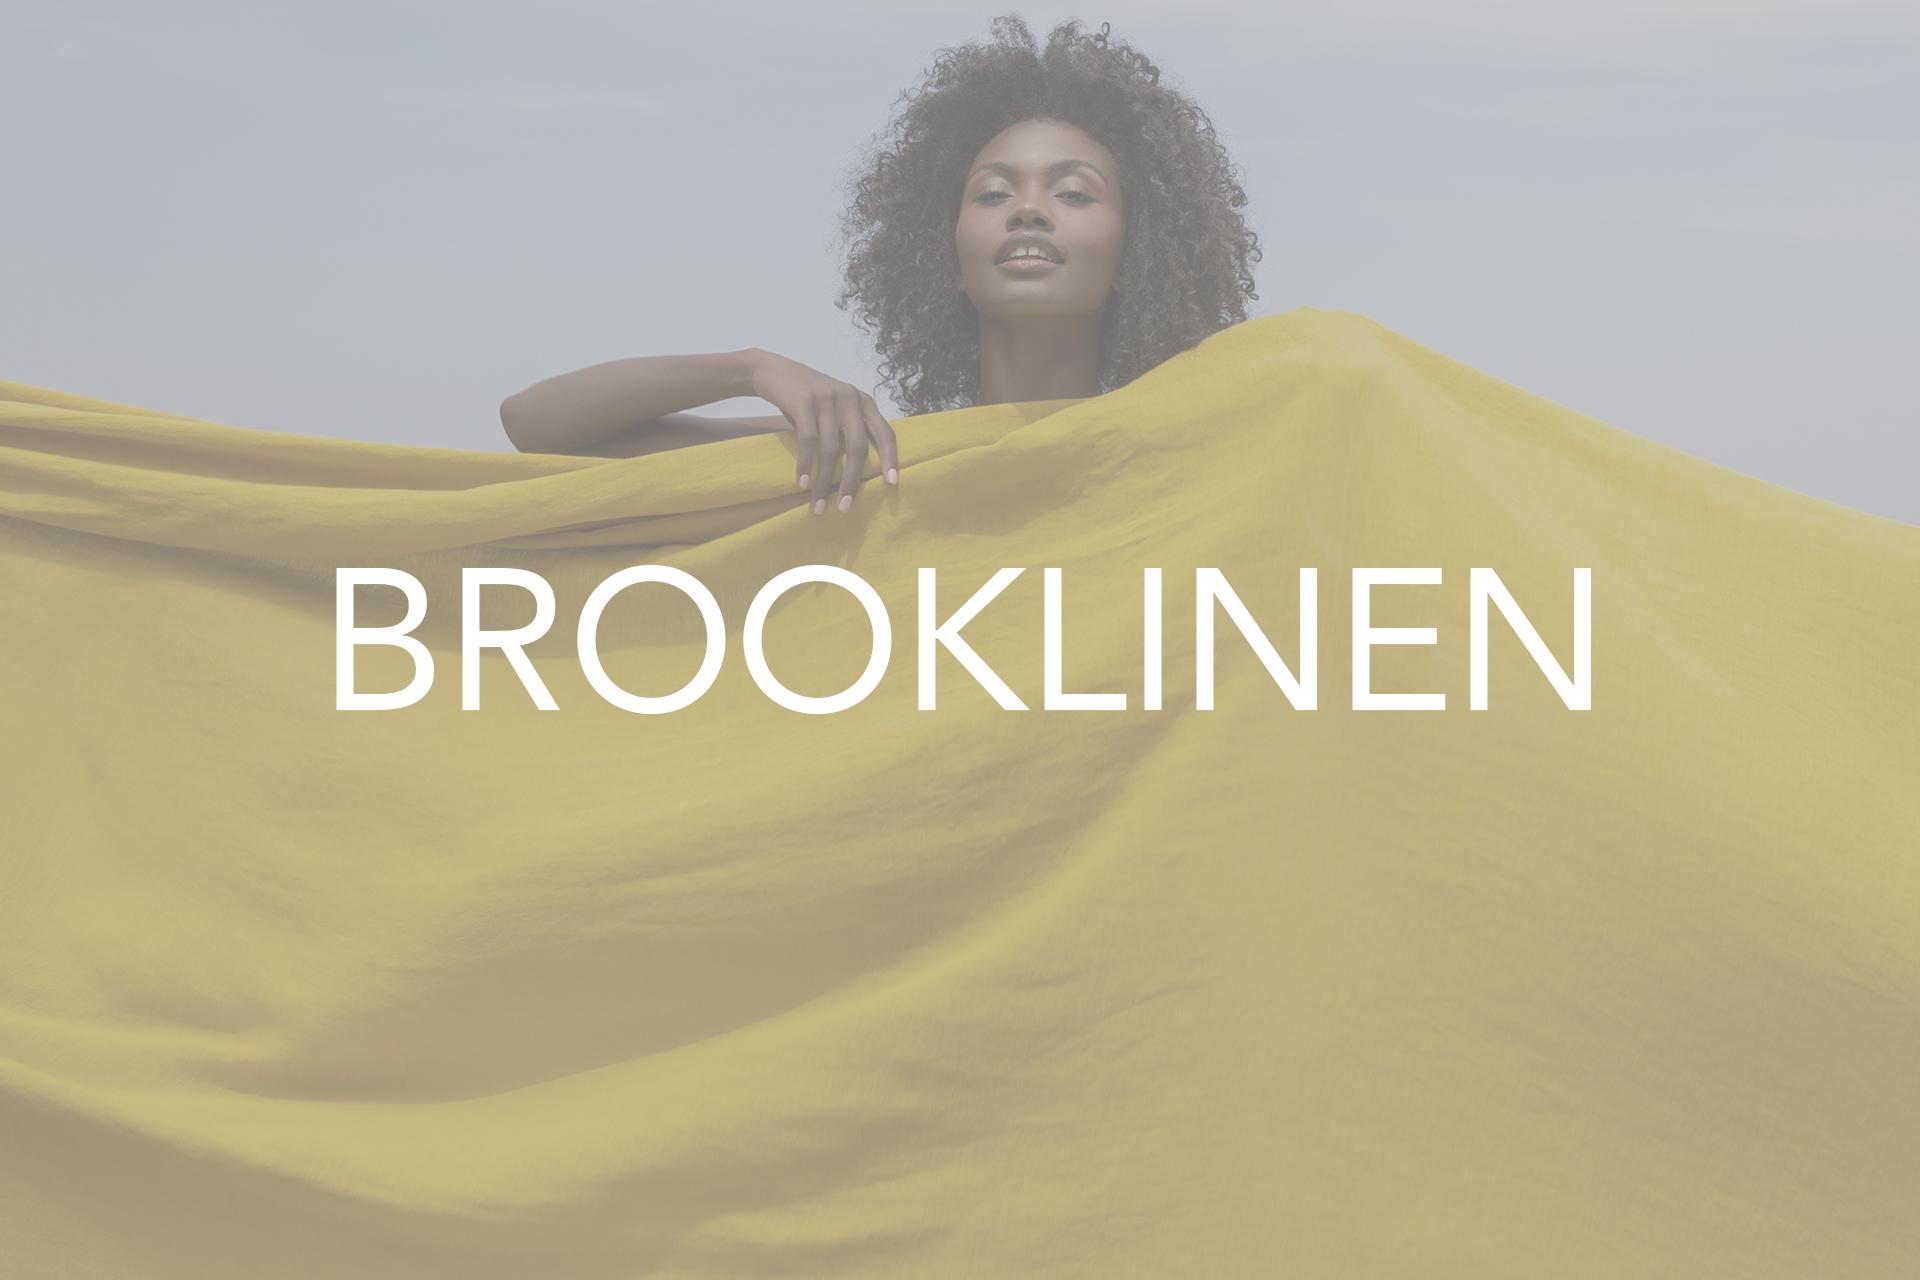 Brooklinen.jpg